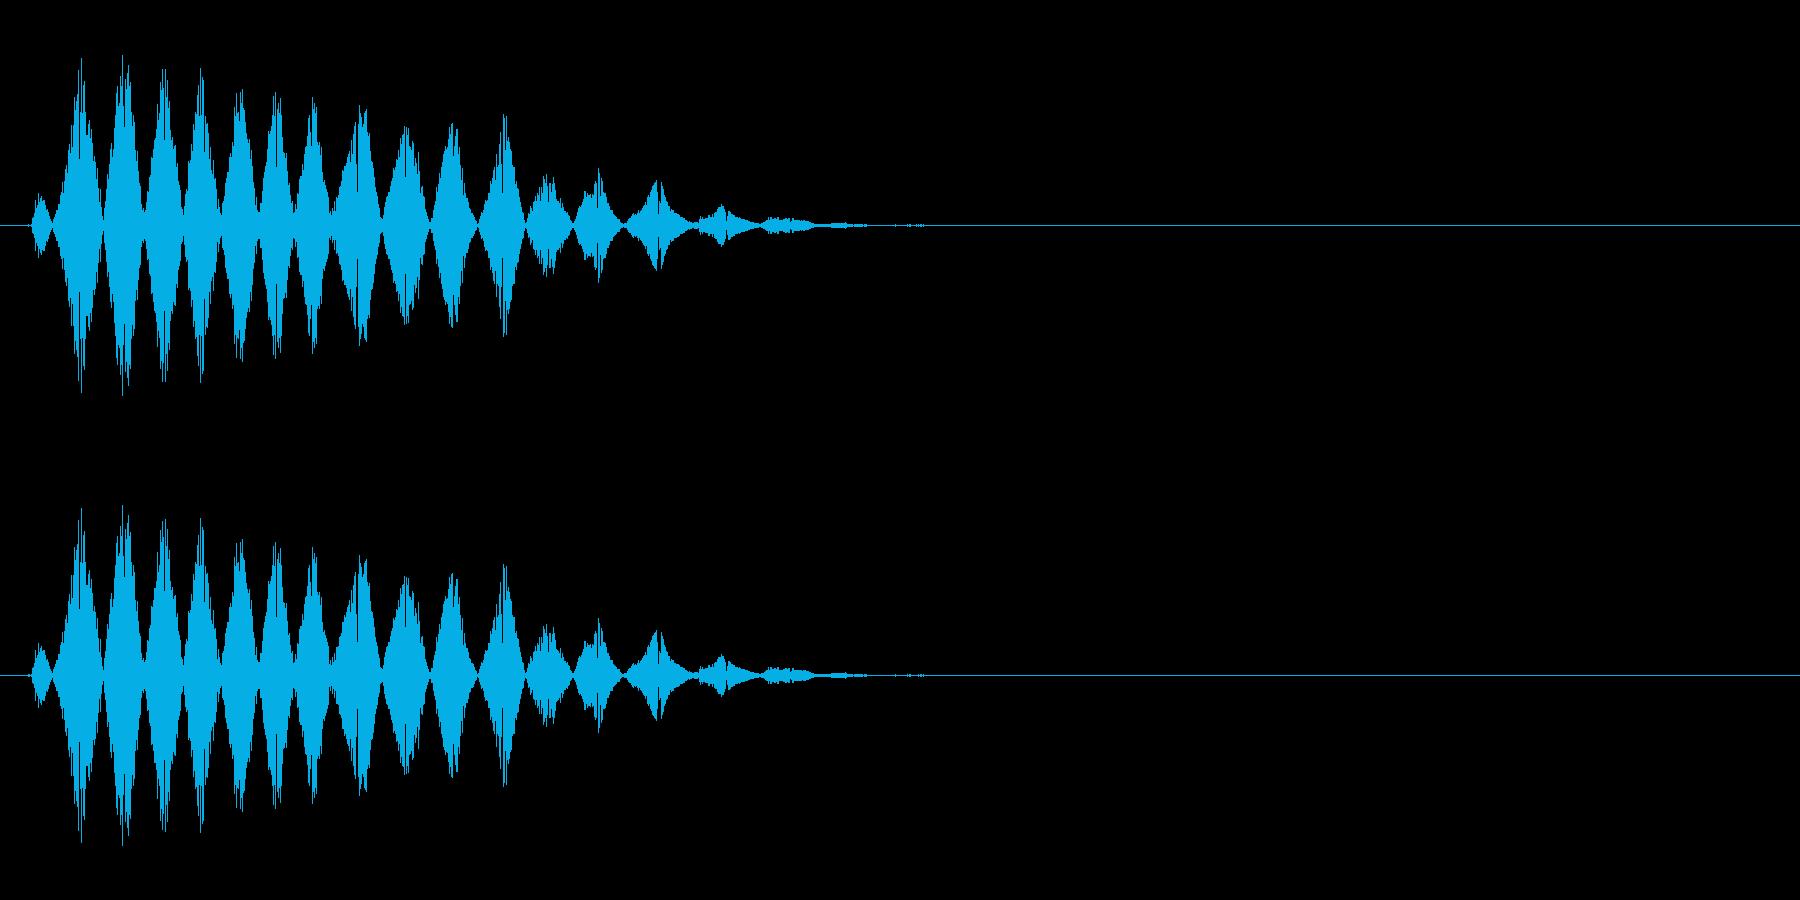 コミカルなおばけの声(ピッチ高め)の再生済みの波形